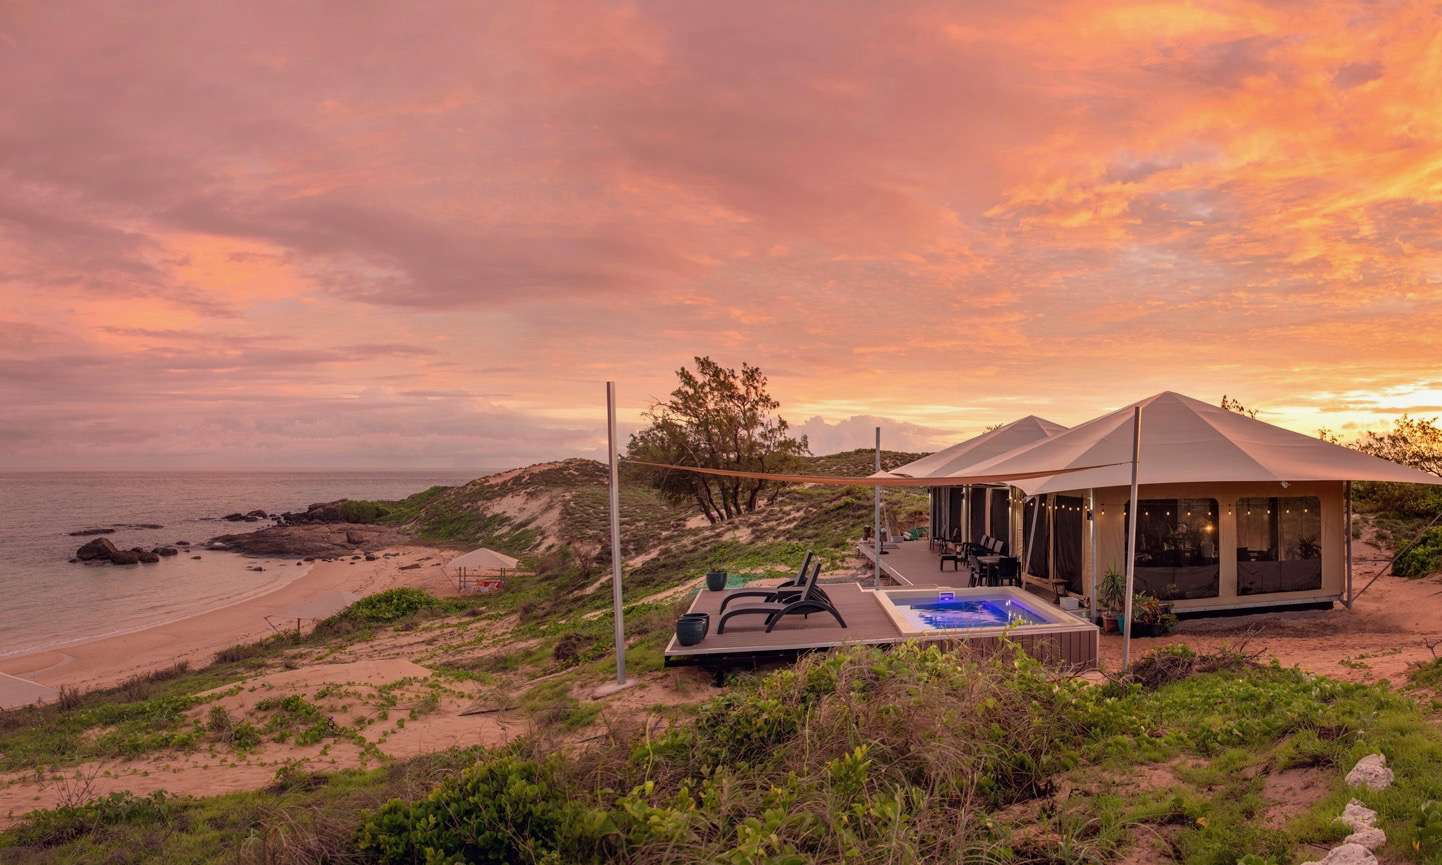 Pink sunset over Banubanu Beach Resort